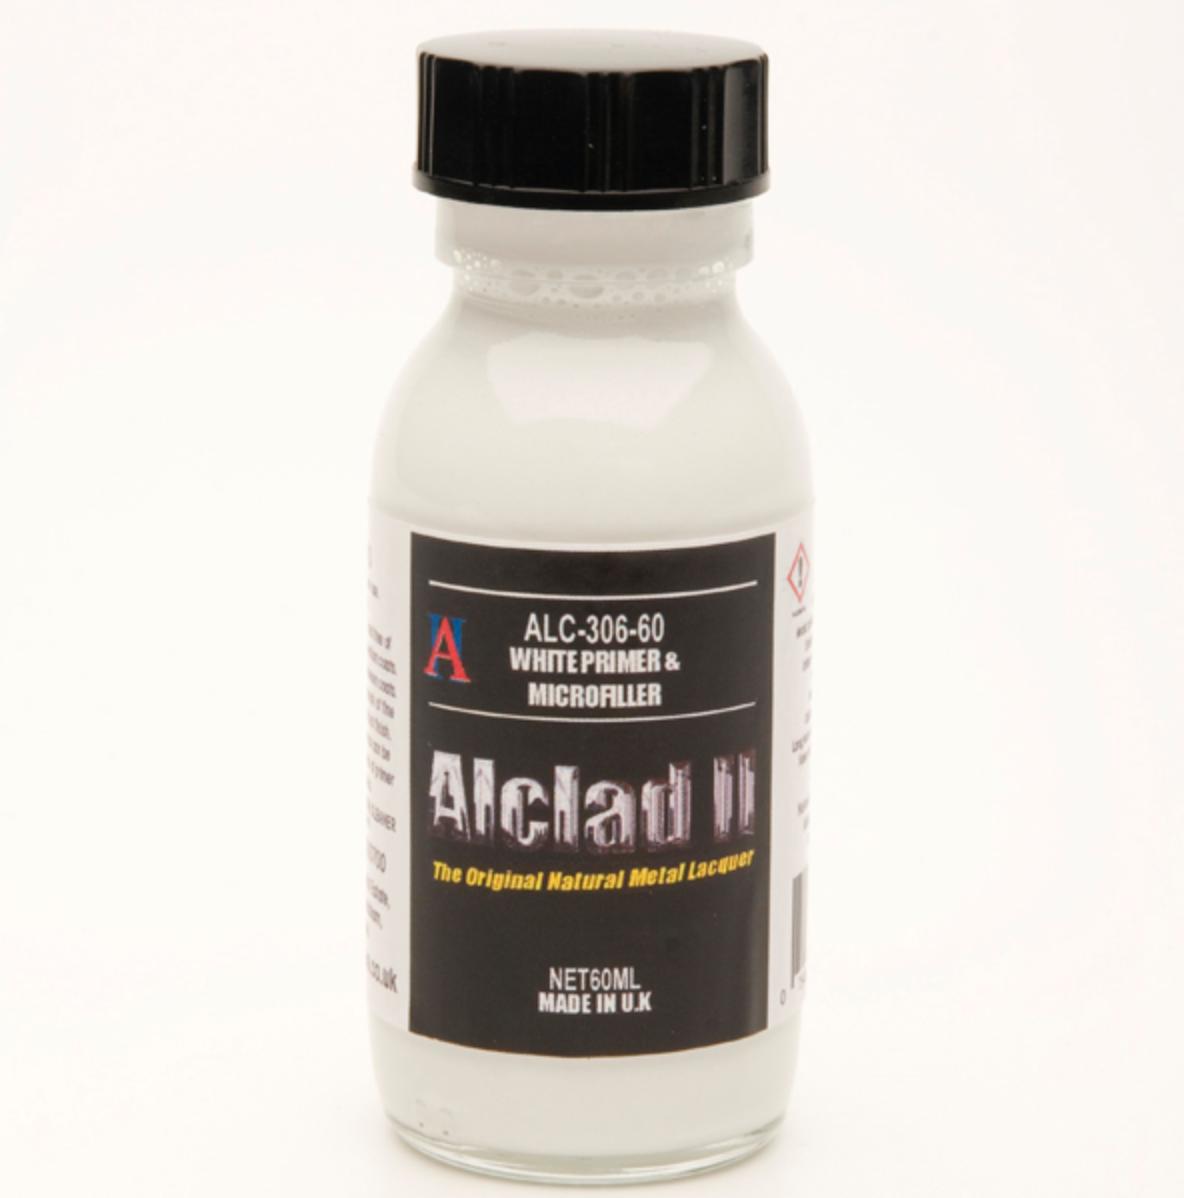 ALC306-60